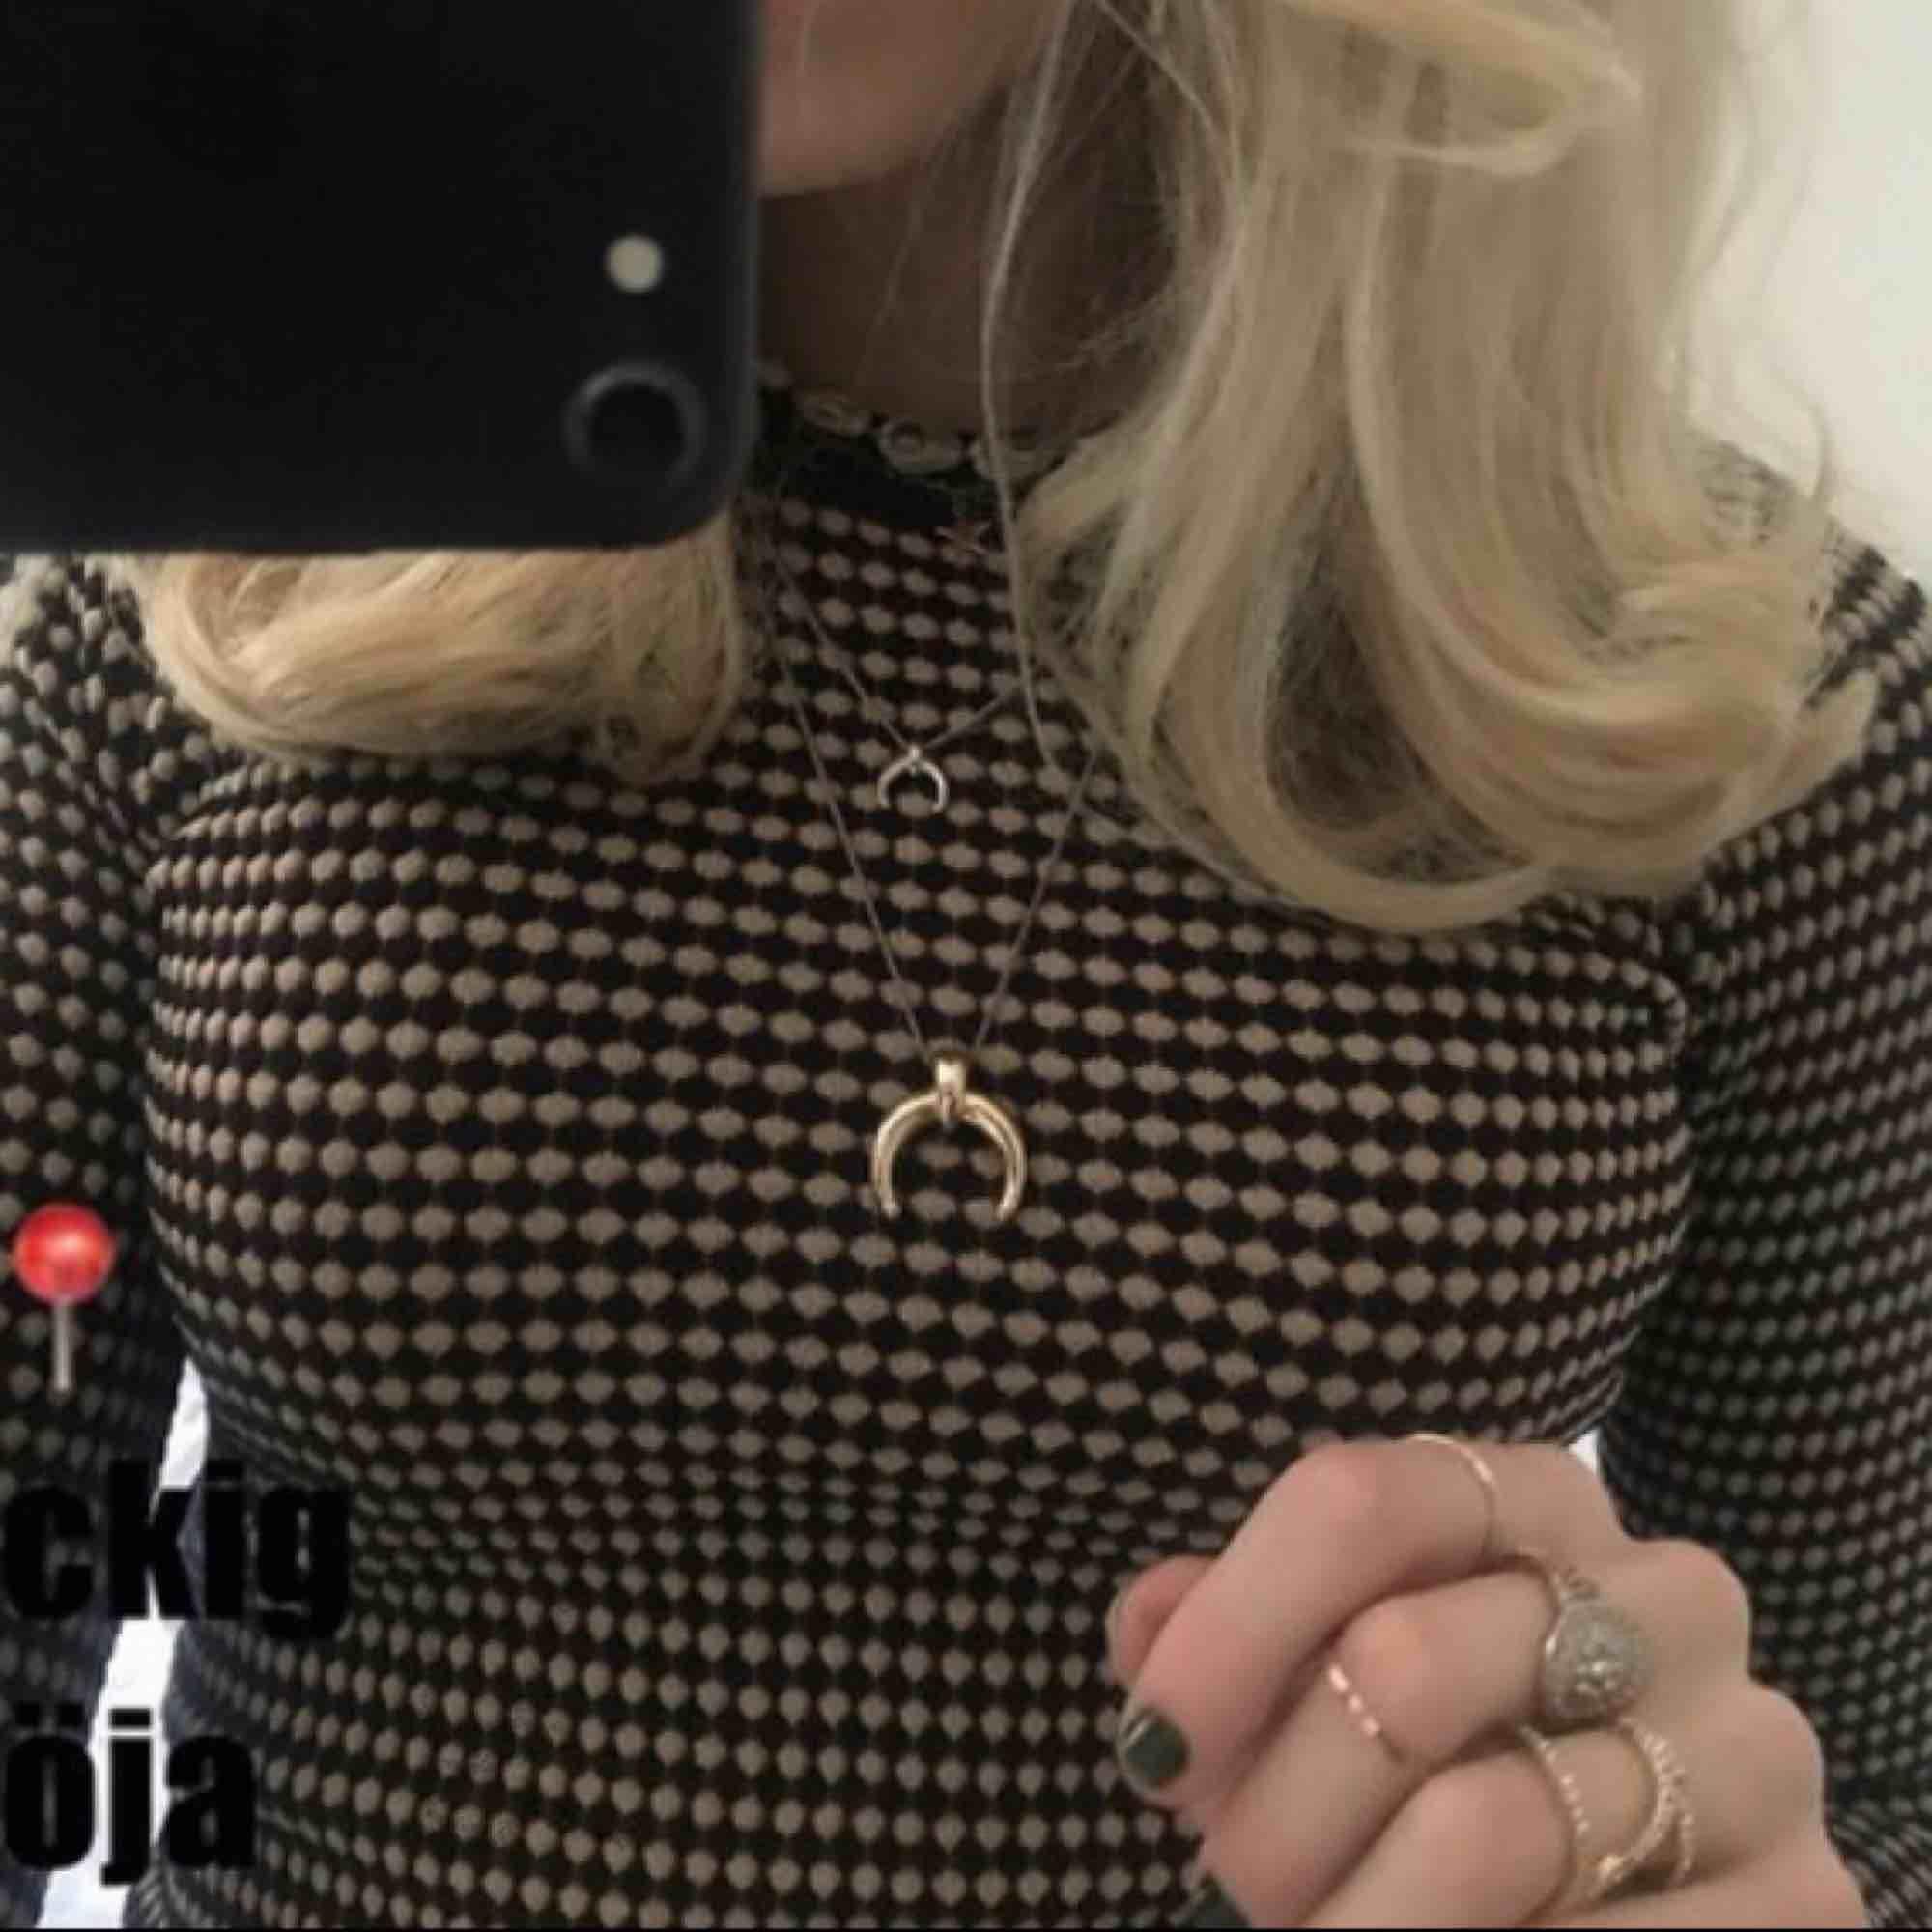 Jättefin tröja ifrån zara⚡️finns inte längre i butik 😻 (@claracoolasellout s bild) . Toppar.